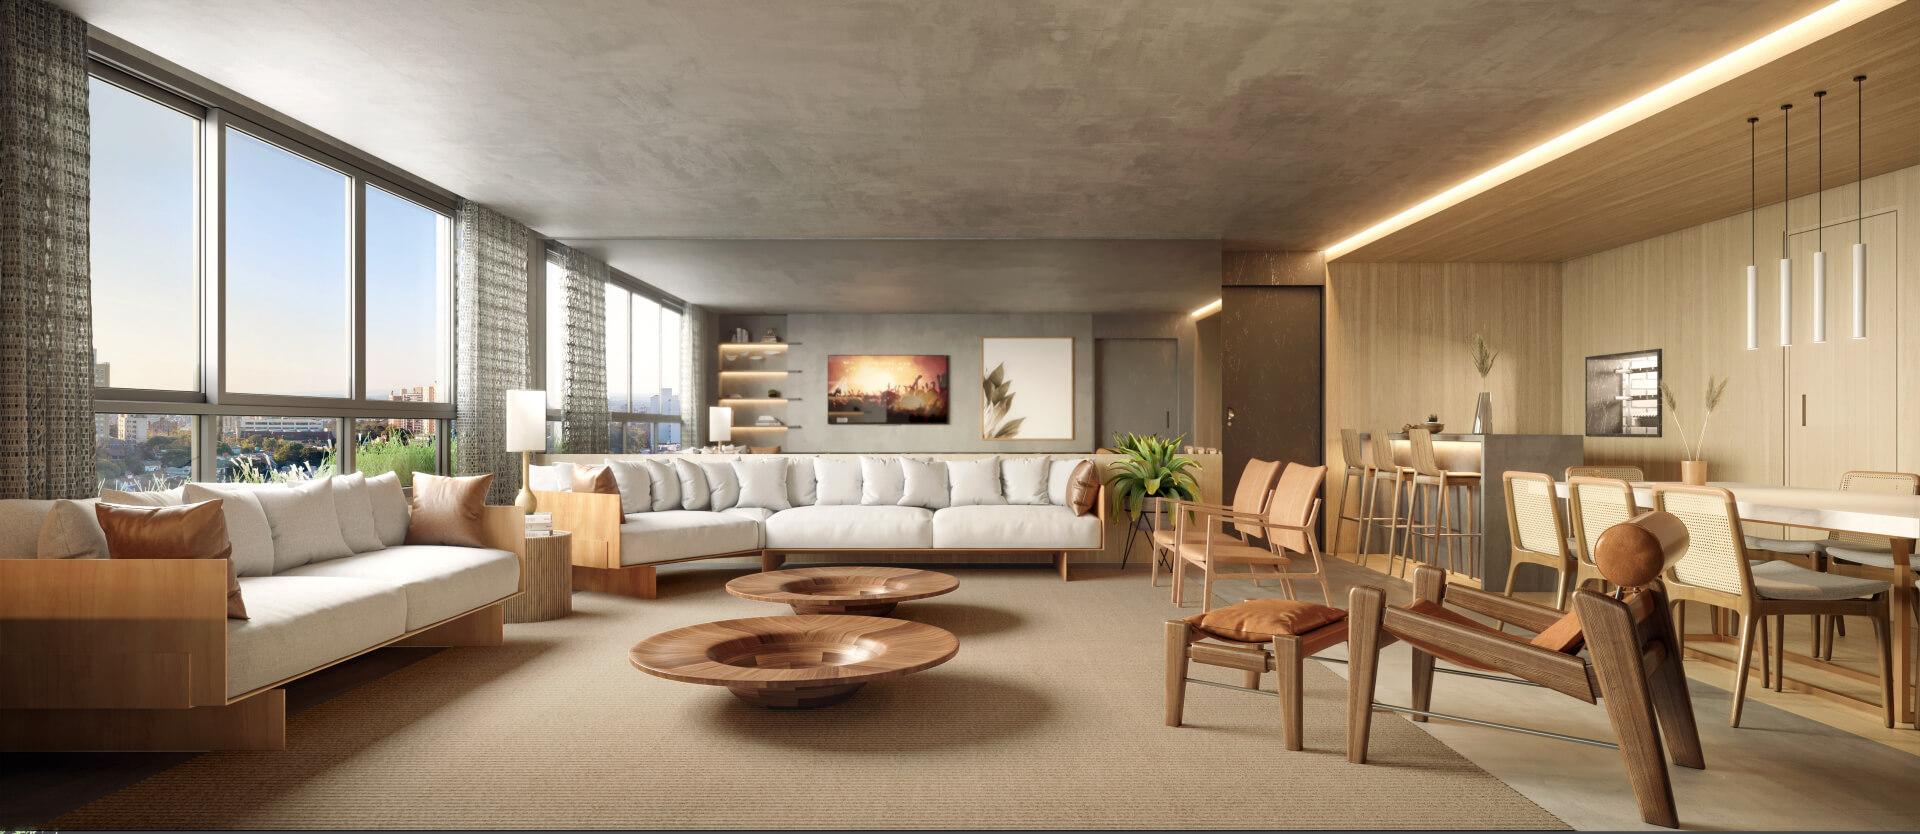 LIVING do apto de 156 m² com ampla área social permitindo a criação de mais de 3 ambientes integrados que favorecem o convívio. São mais de 40 m² de espaço para que você configure como quiser!